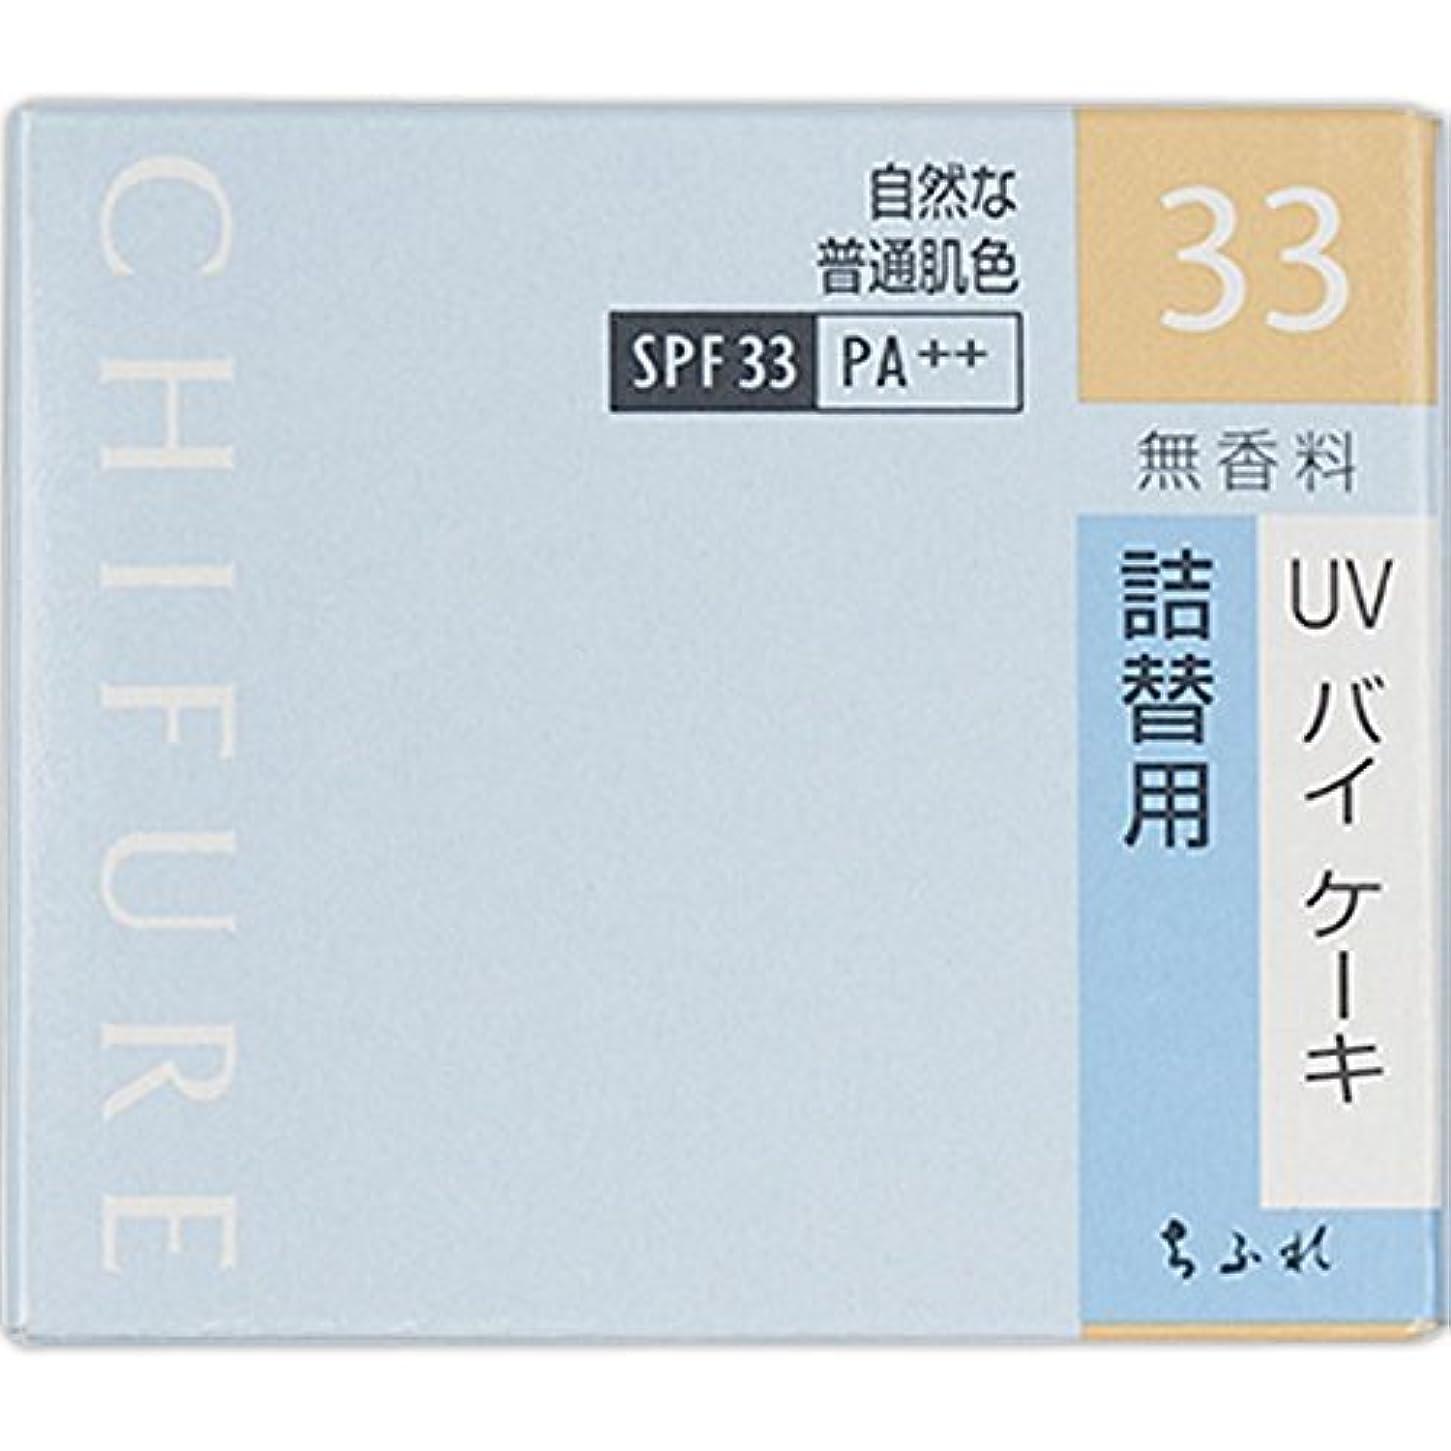 驚いたおそらく初心者ちふれ化粧品 UV バイ ケーキ 詰替用 33 自然な普通肌色 14g